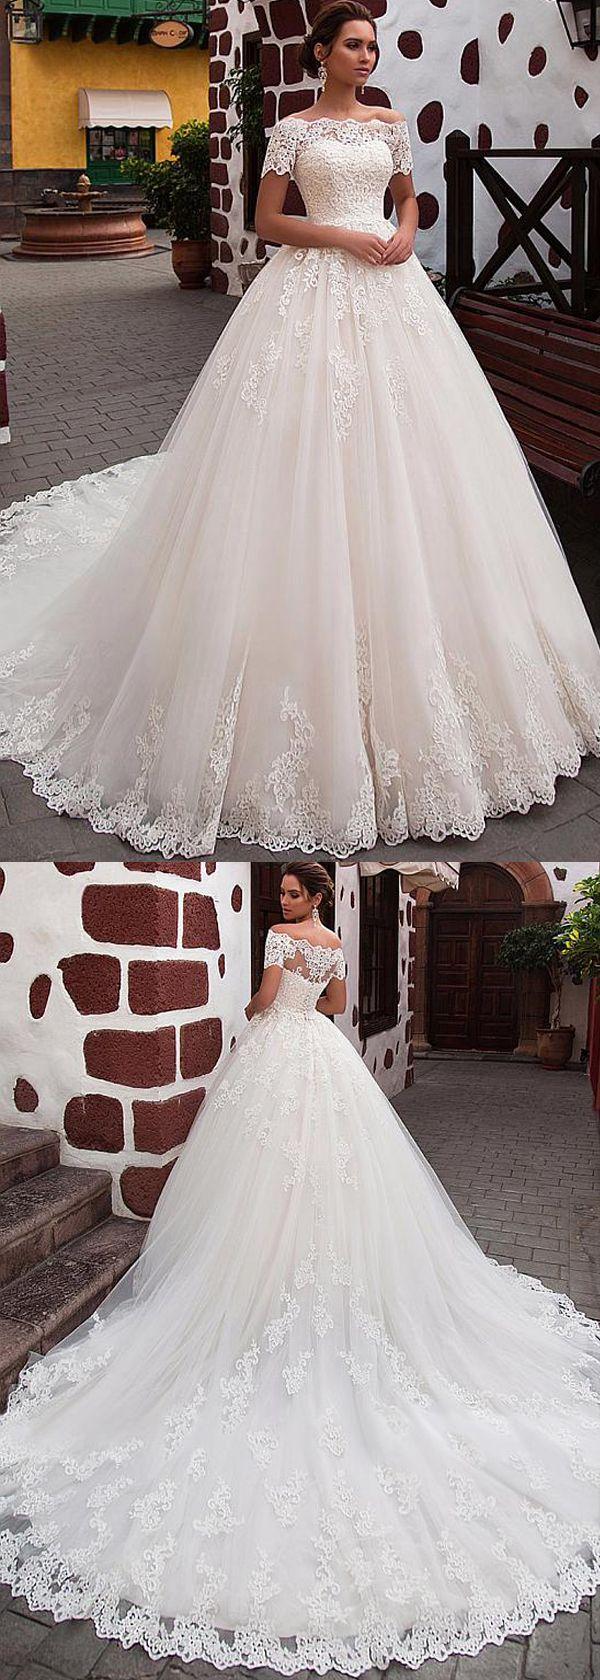 Attractive tulle offtheshoulder neckline ball gown wedding dress